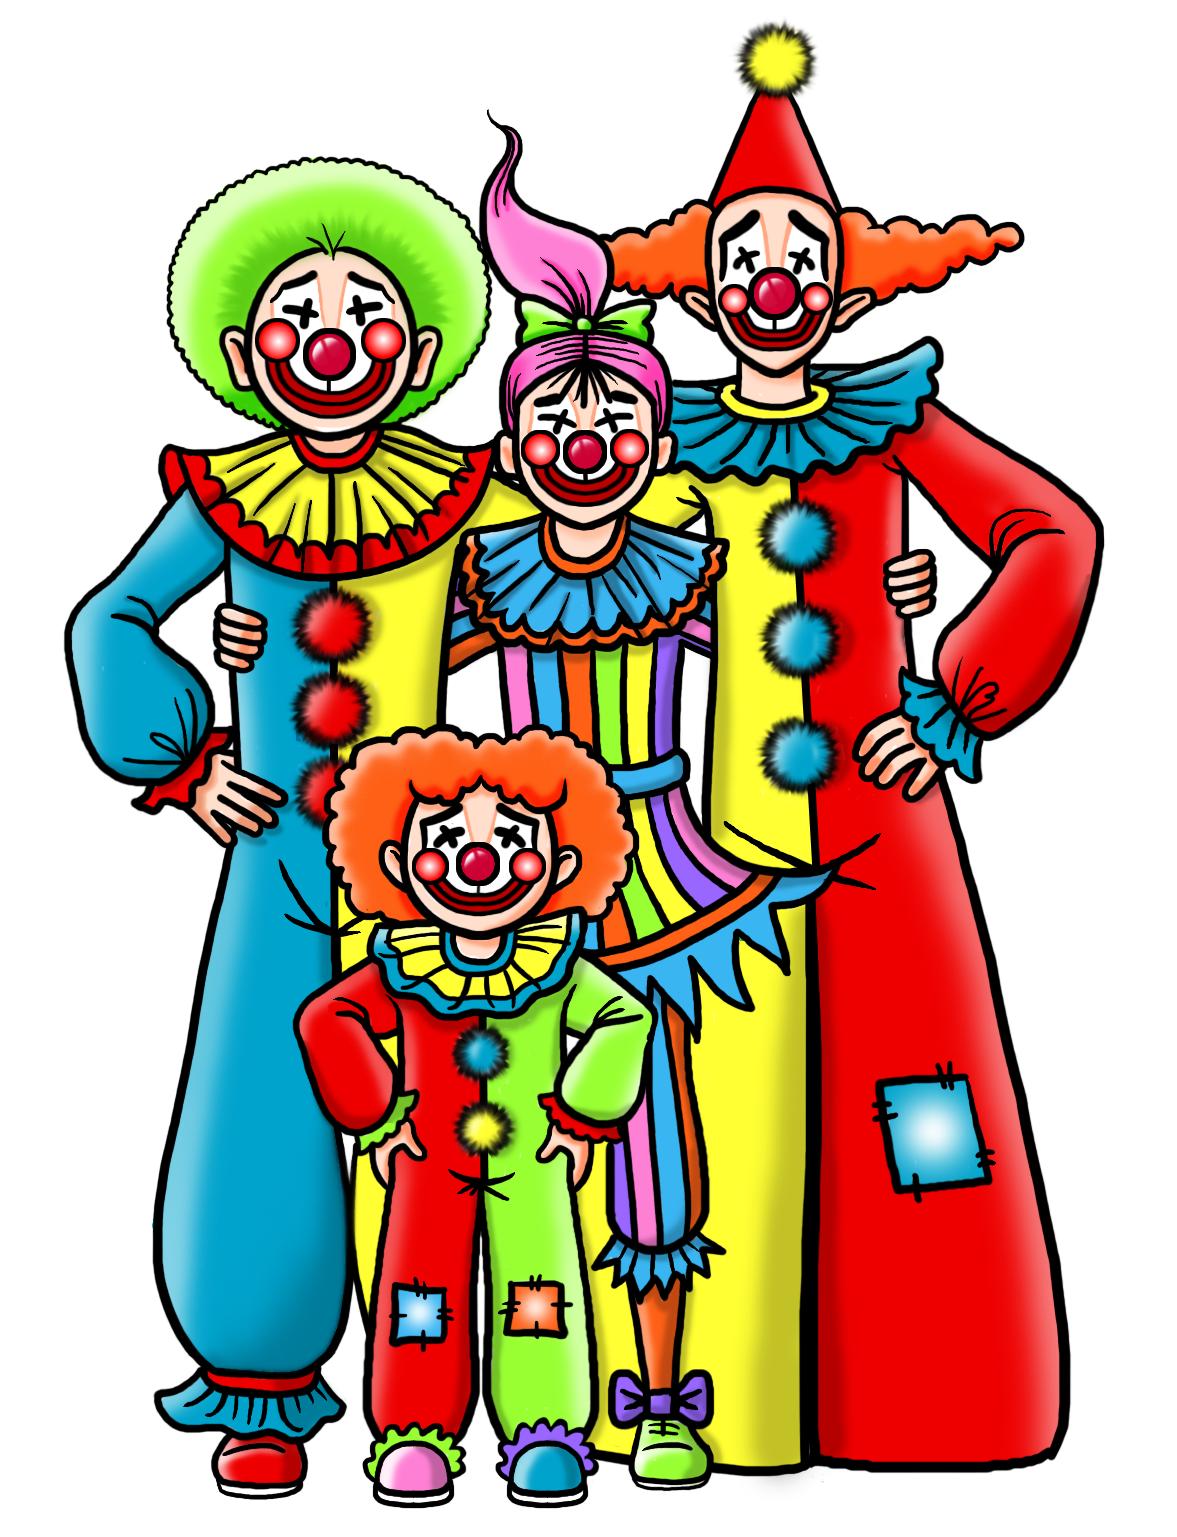 http://2.bp.blogspot.com/-NTGimYLTaTw/U3OEYV7lj-I/AAAAAAAAA-o/ZRAWc5x9EdM/s1600/coloured+-+CIRCUS+FAMILY.PNG